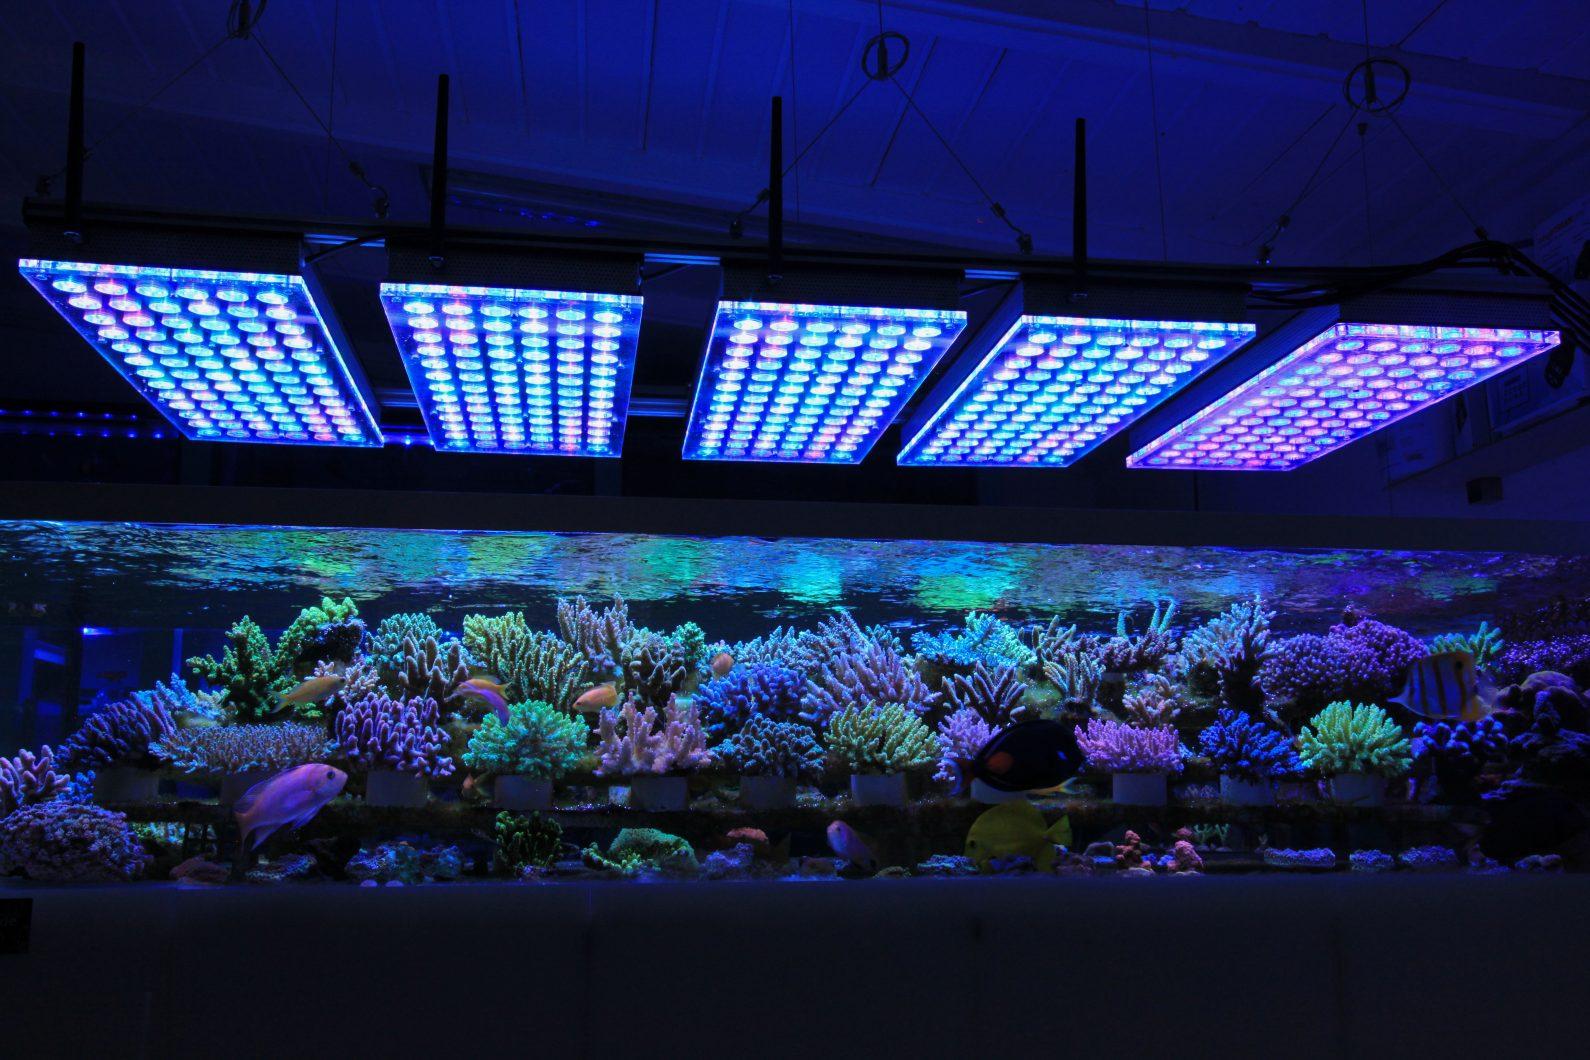 সেরা রিফ Aquarium আলো নেতৃত্বে